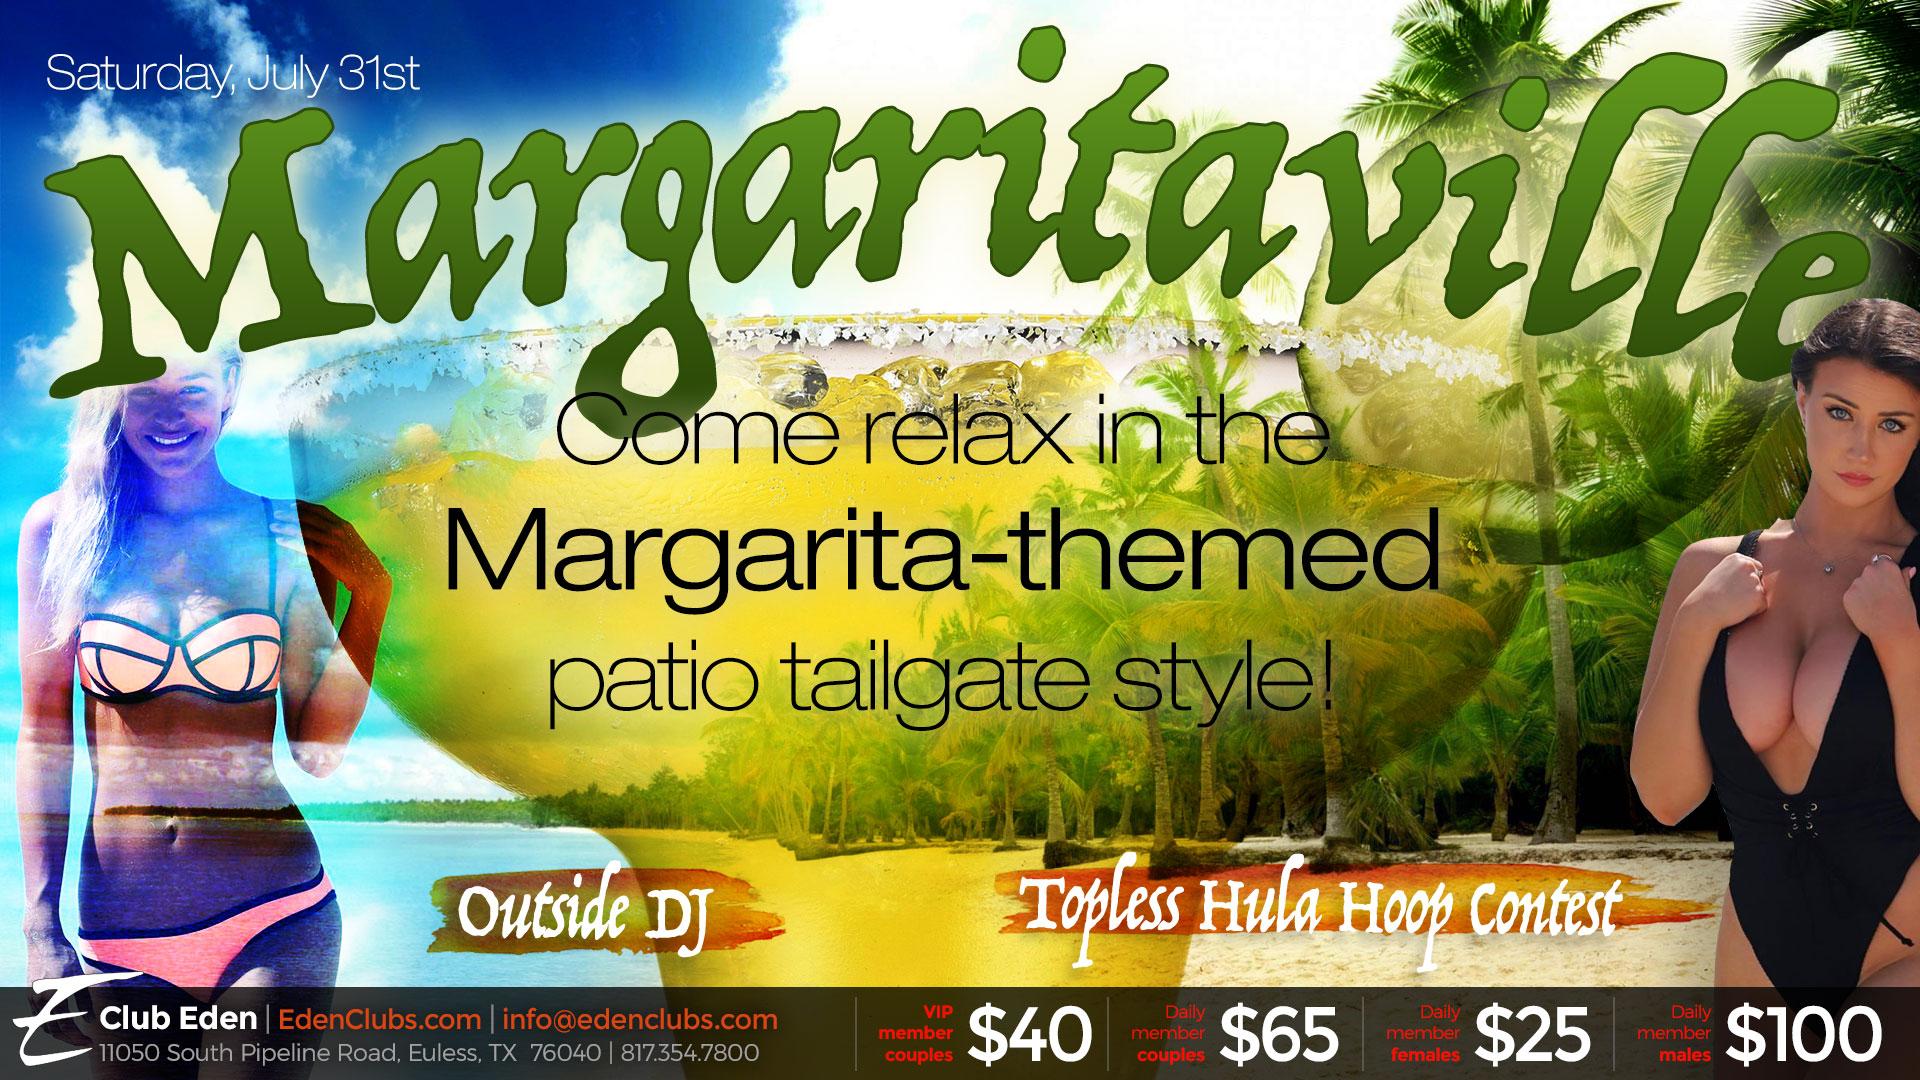 073121-Margaritaville-eden-dfw-tv